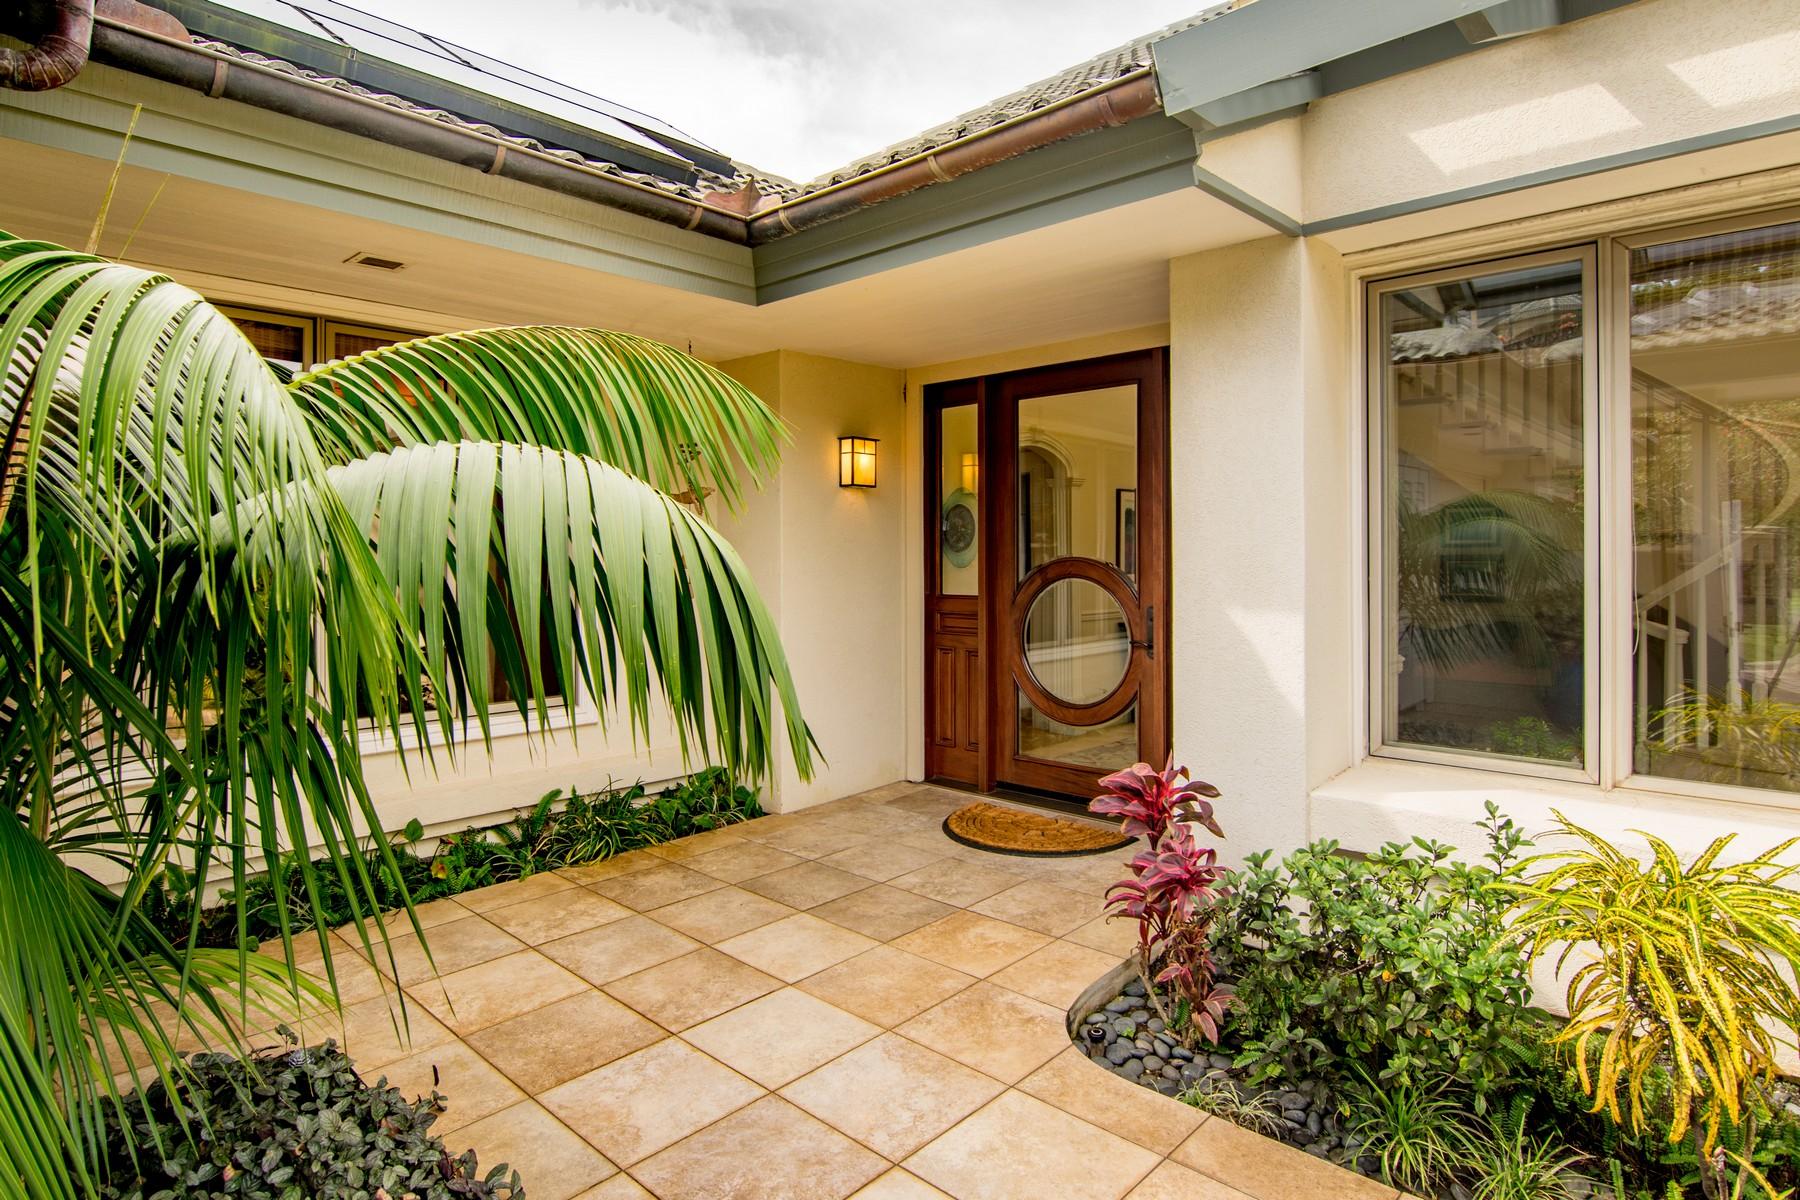 一戸建て のために 売買 アット Kapalua Pineapple Hill Masterpiece!! 600 Silversword Drive Kapalua, ハワイ, 96761 アメリカ合衆国